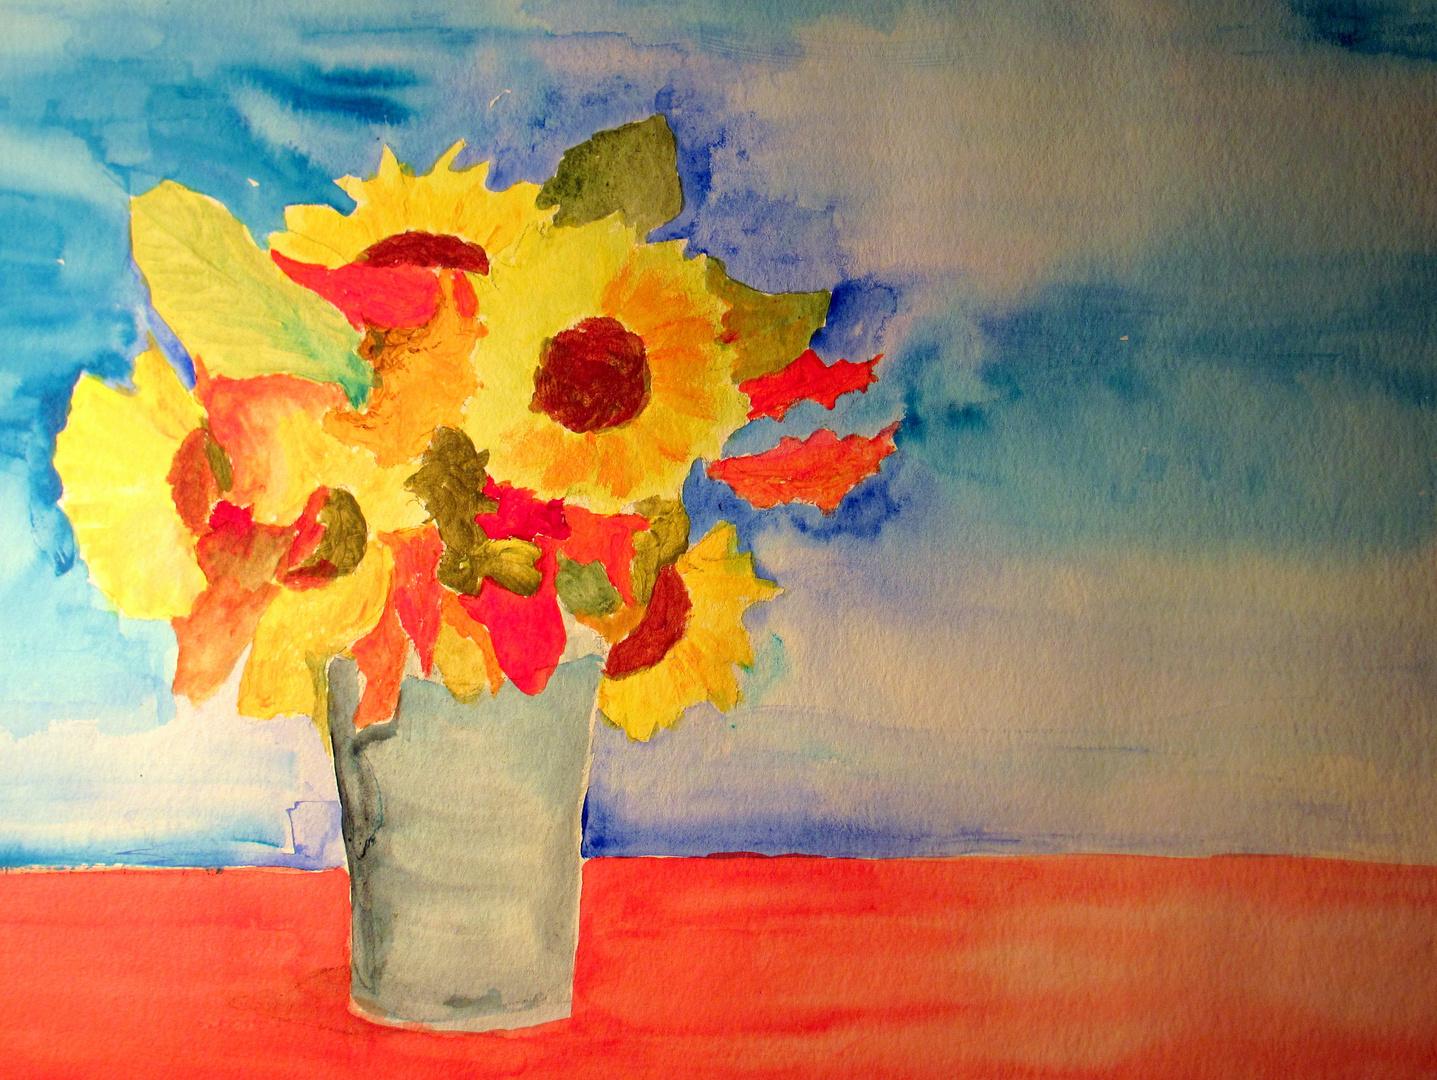 Herbst in der Vase